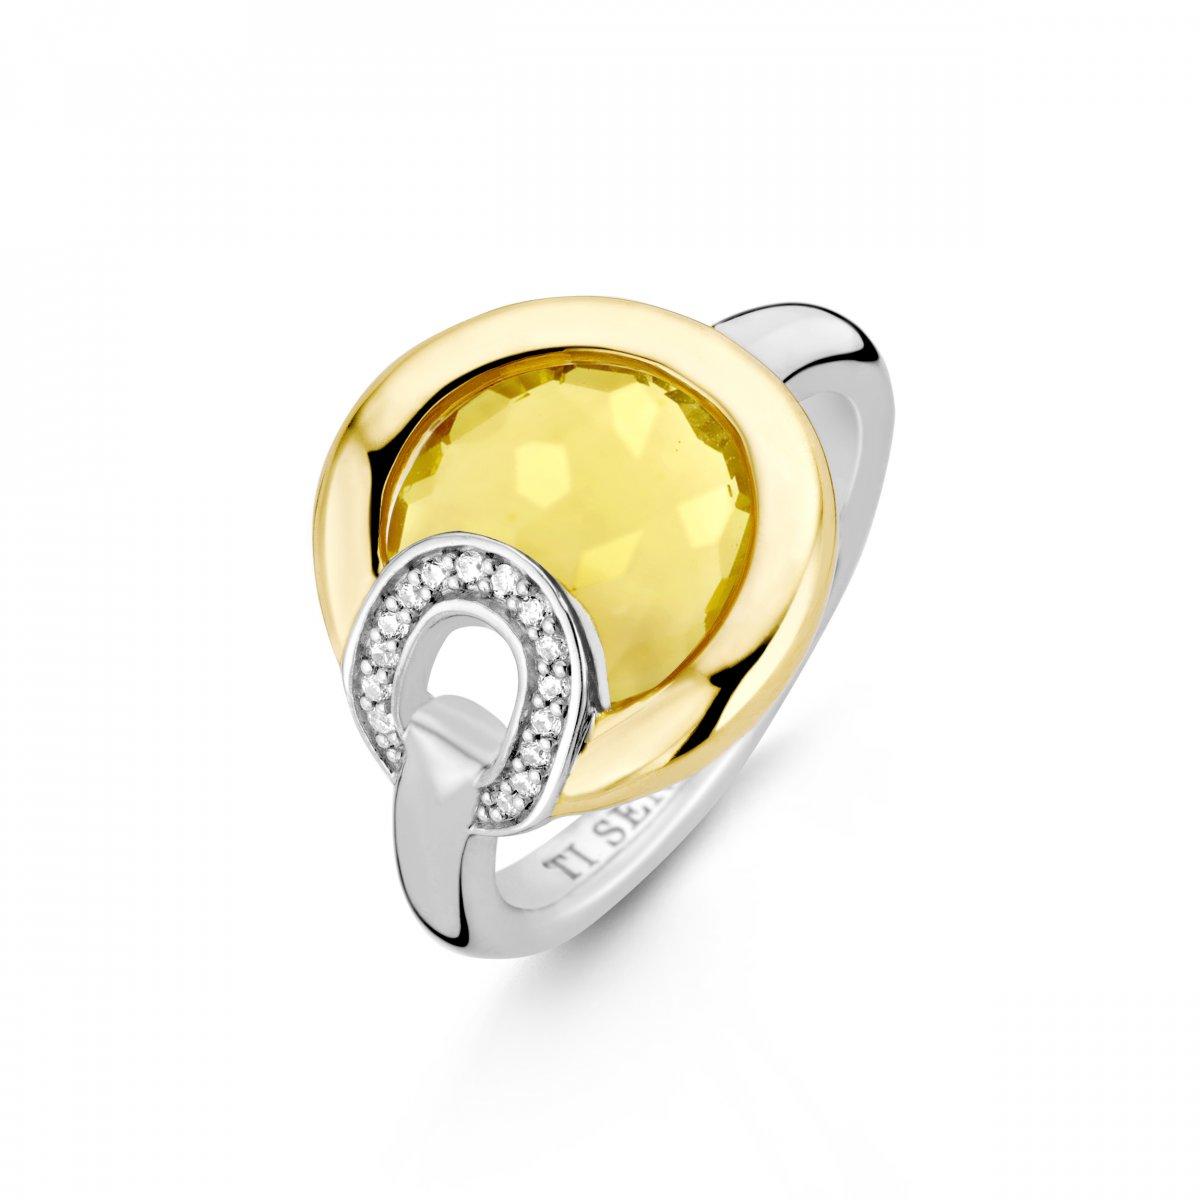 Prsteň TI SENTO so žltým kameňom